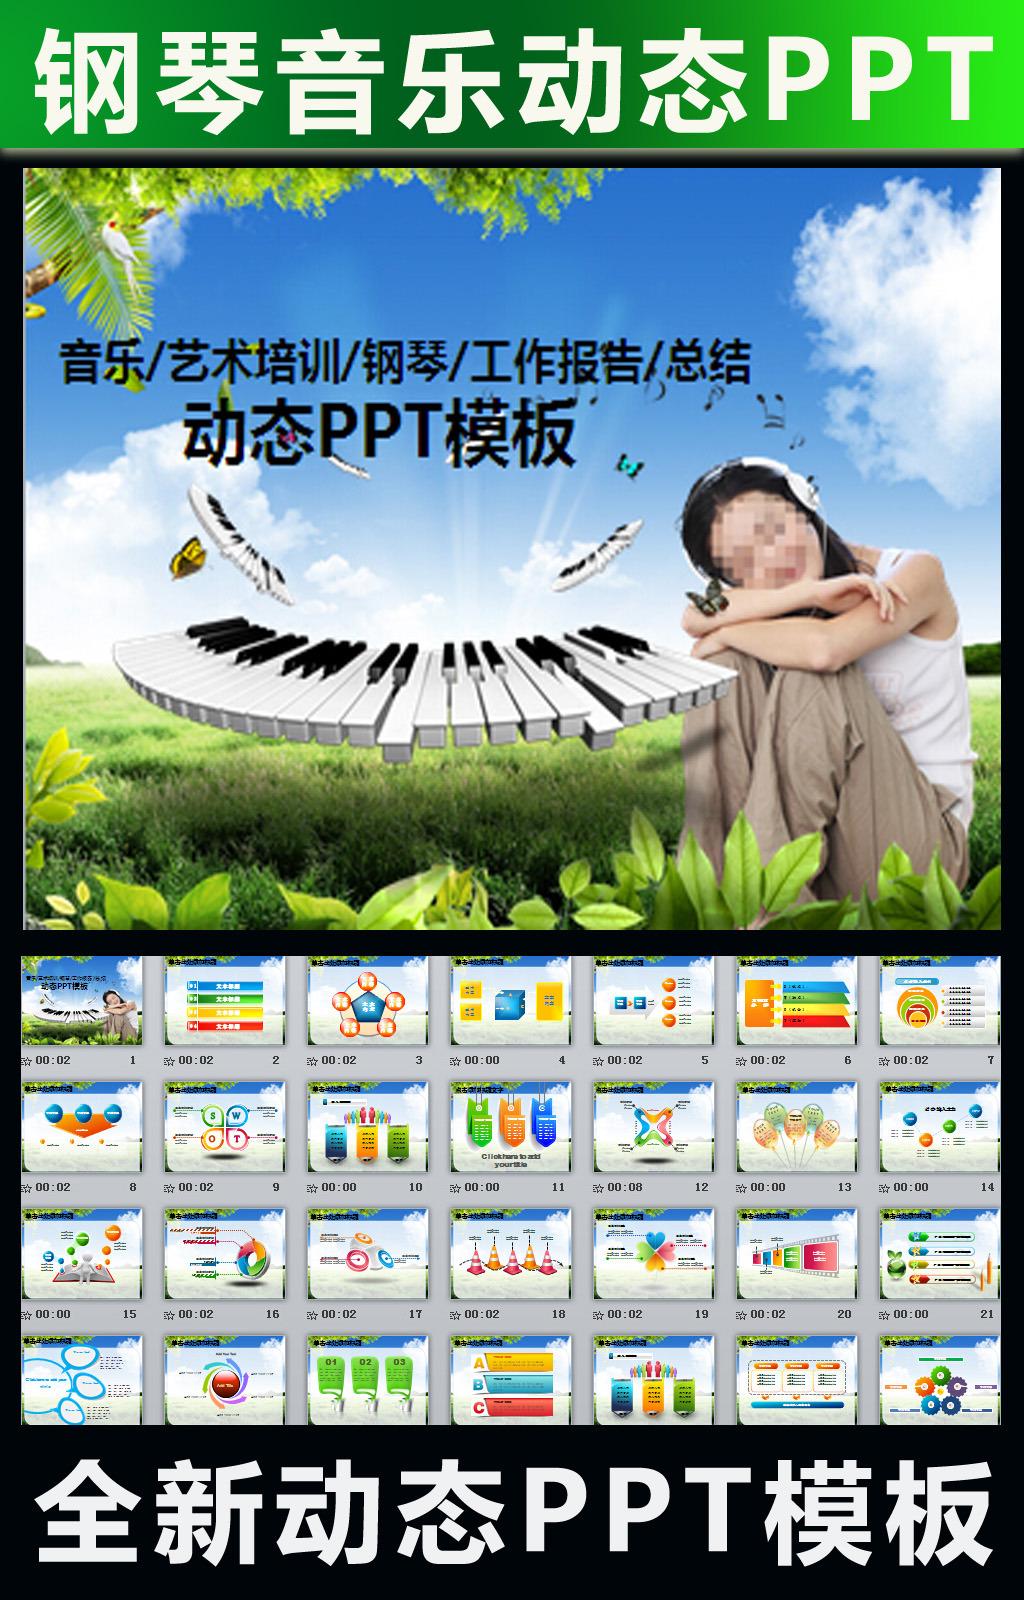 音乐艺术培训钢琴教学课件幻灯片ppt模板下载(图片:)